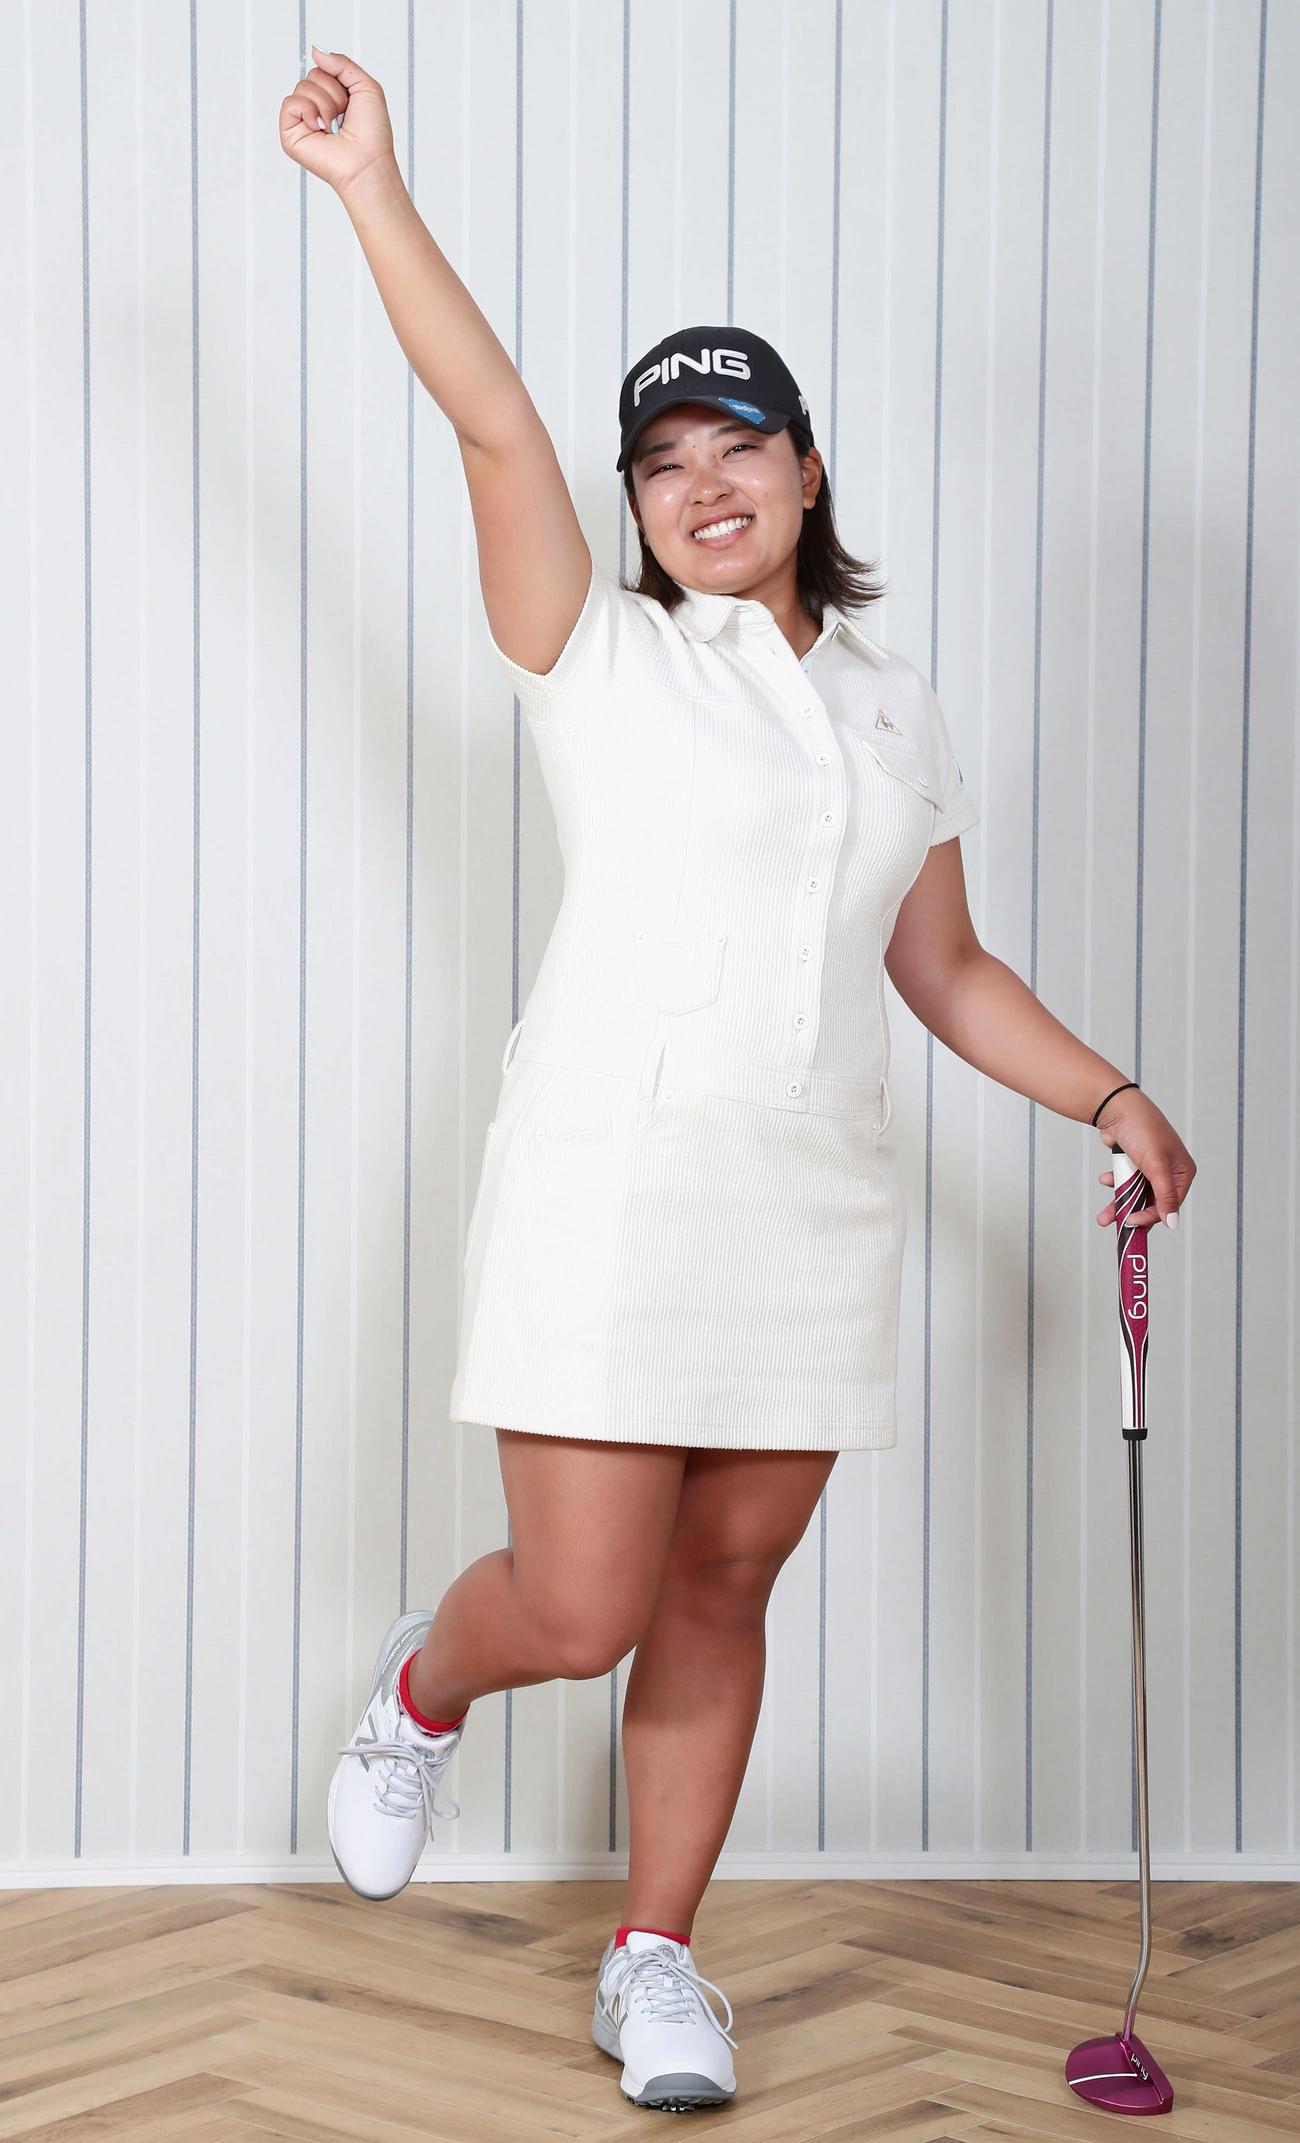 賞金女王・鈴木愛が意地とプライドを持って臨む、東京五輪出場をかけたシーズンが開幕する(撮影・丹羽敏通)